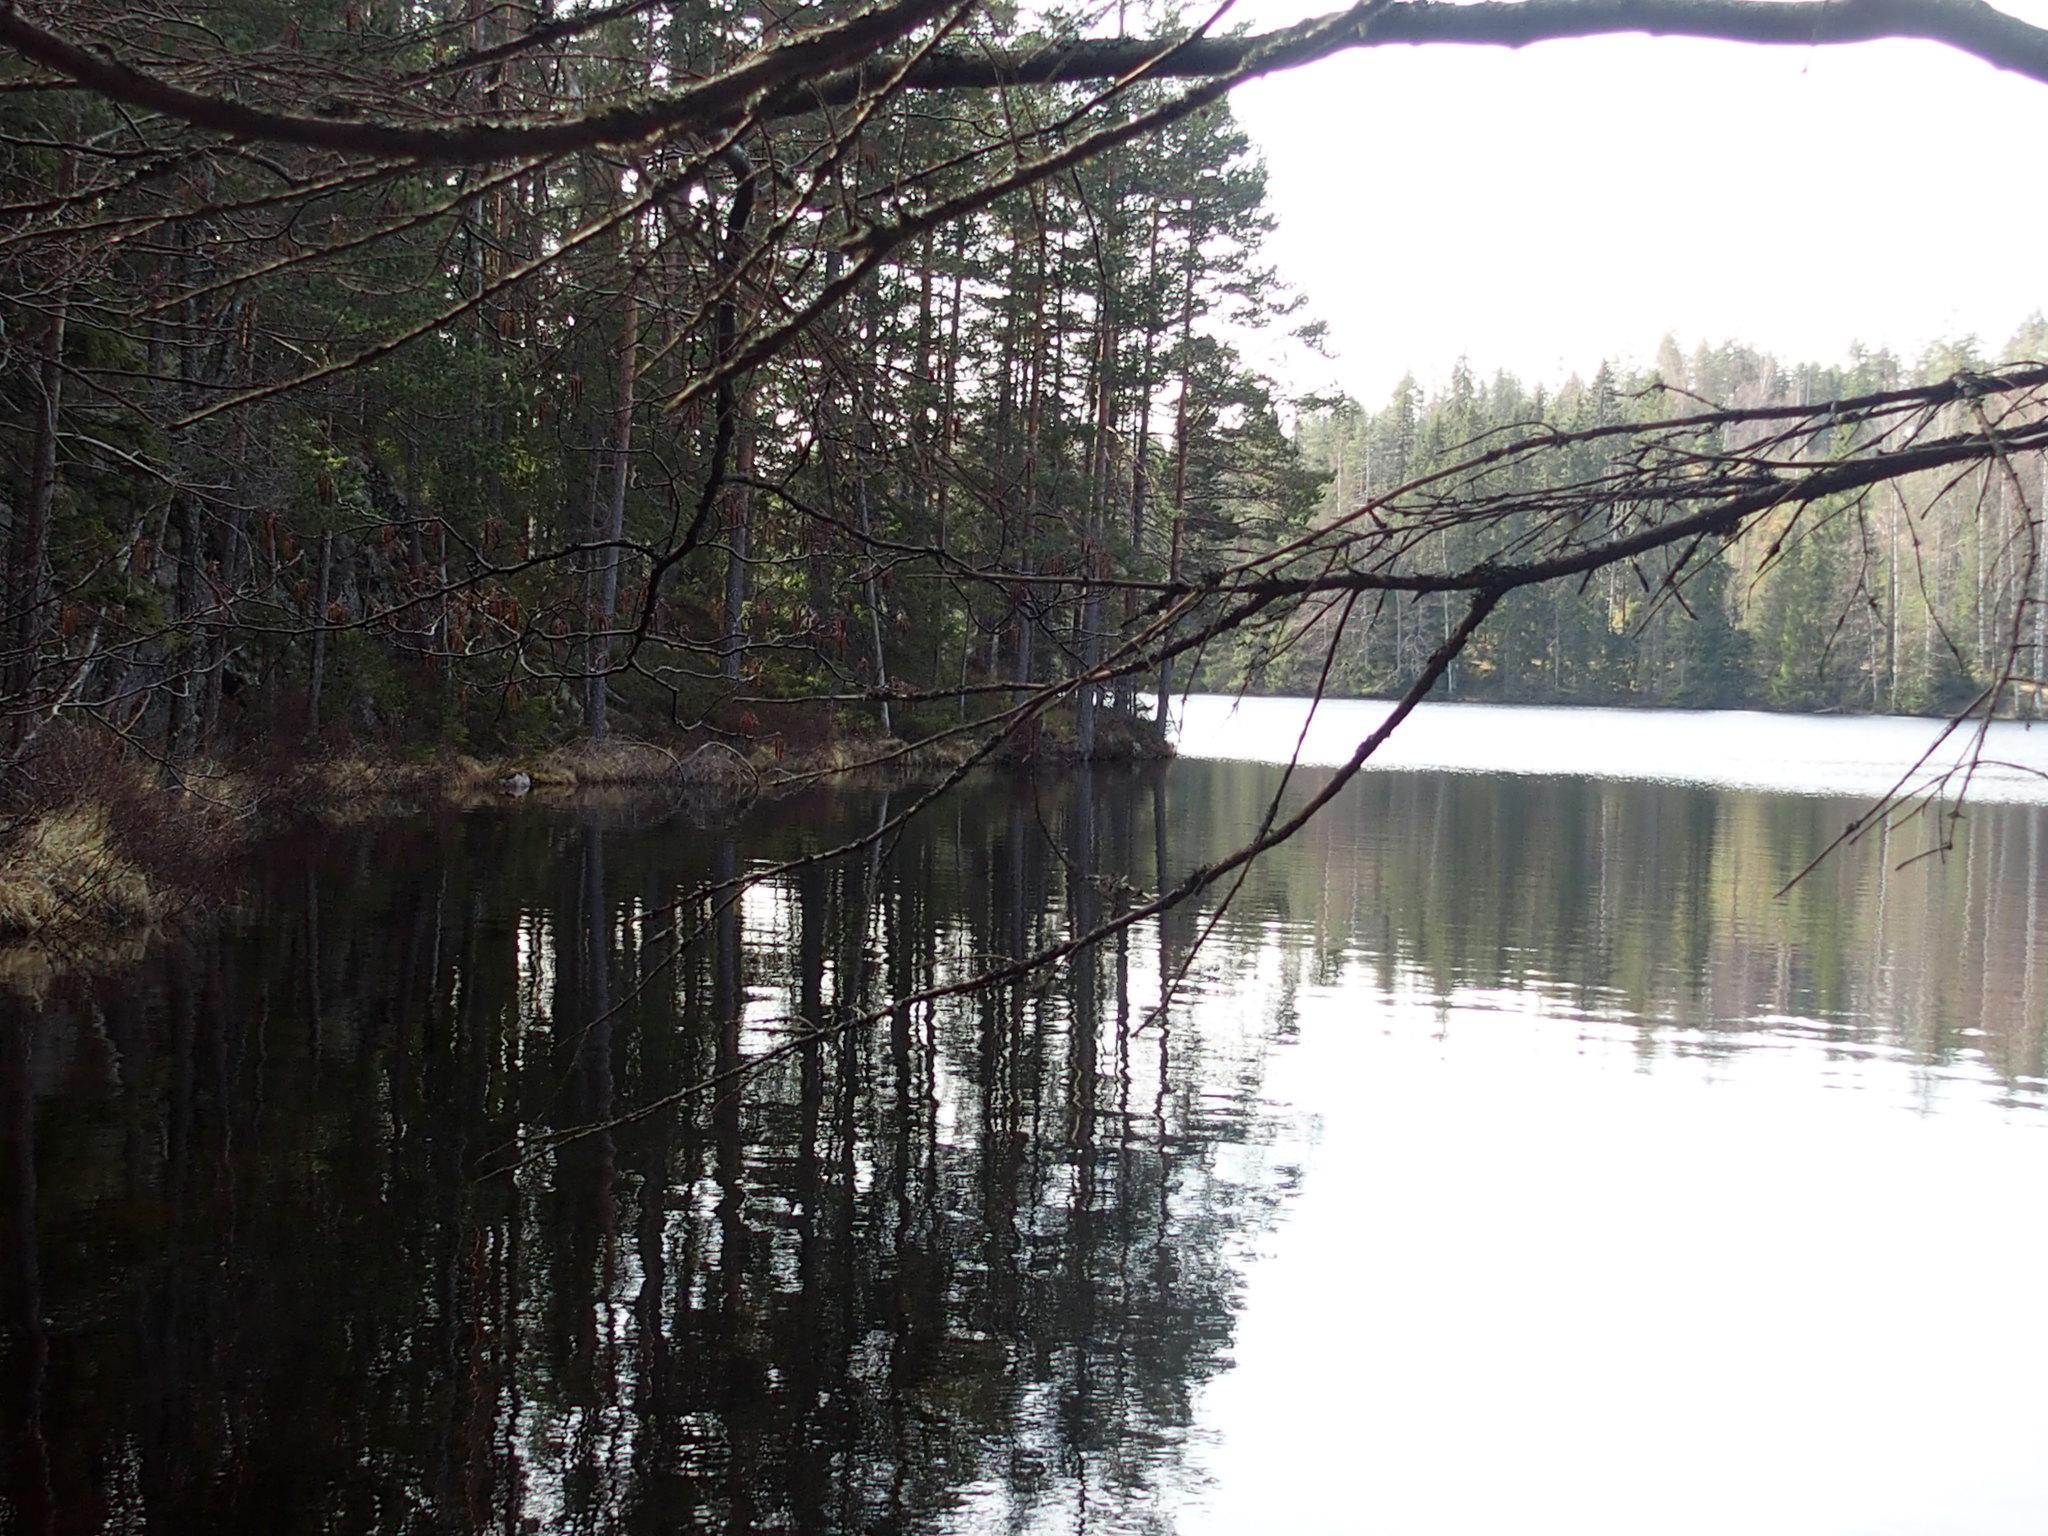 Utsikjt över sjön